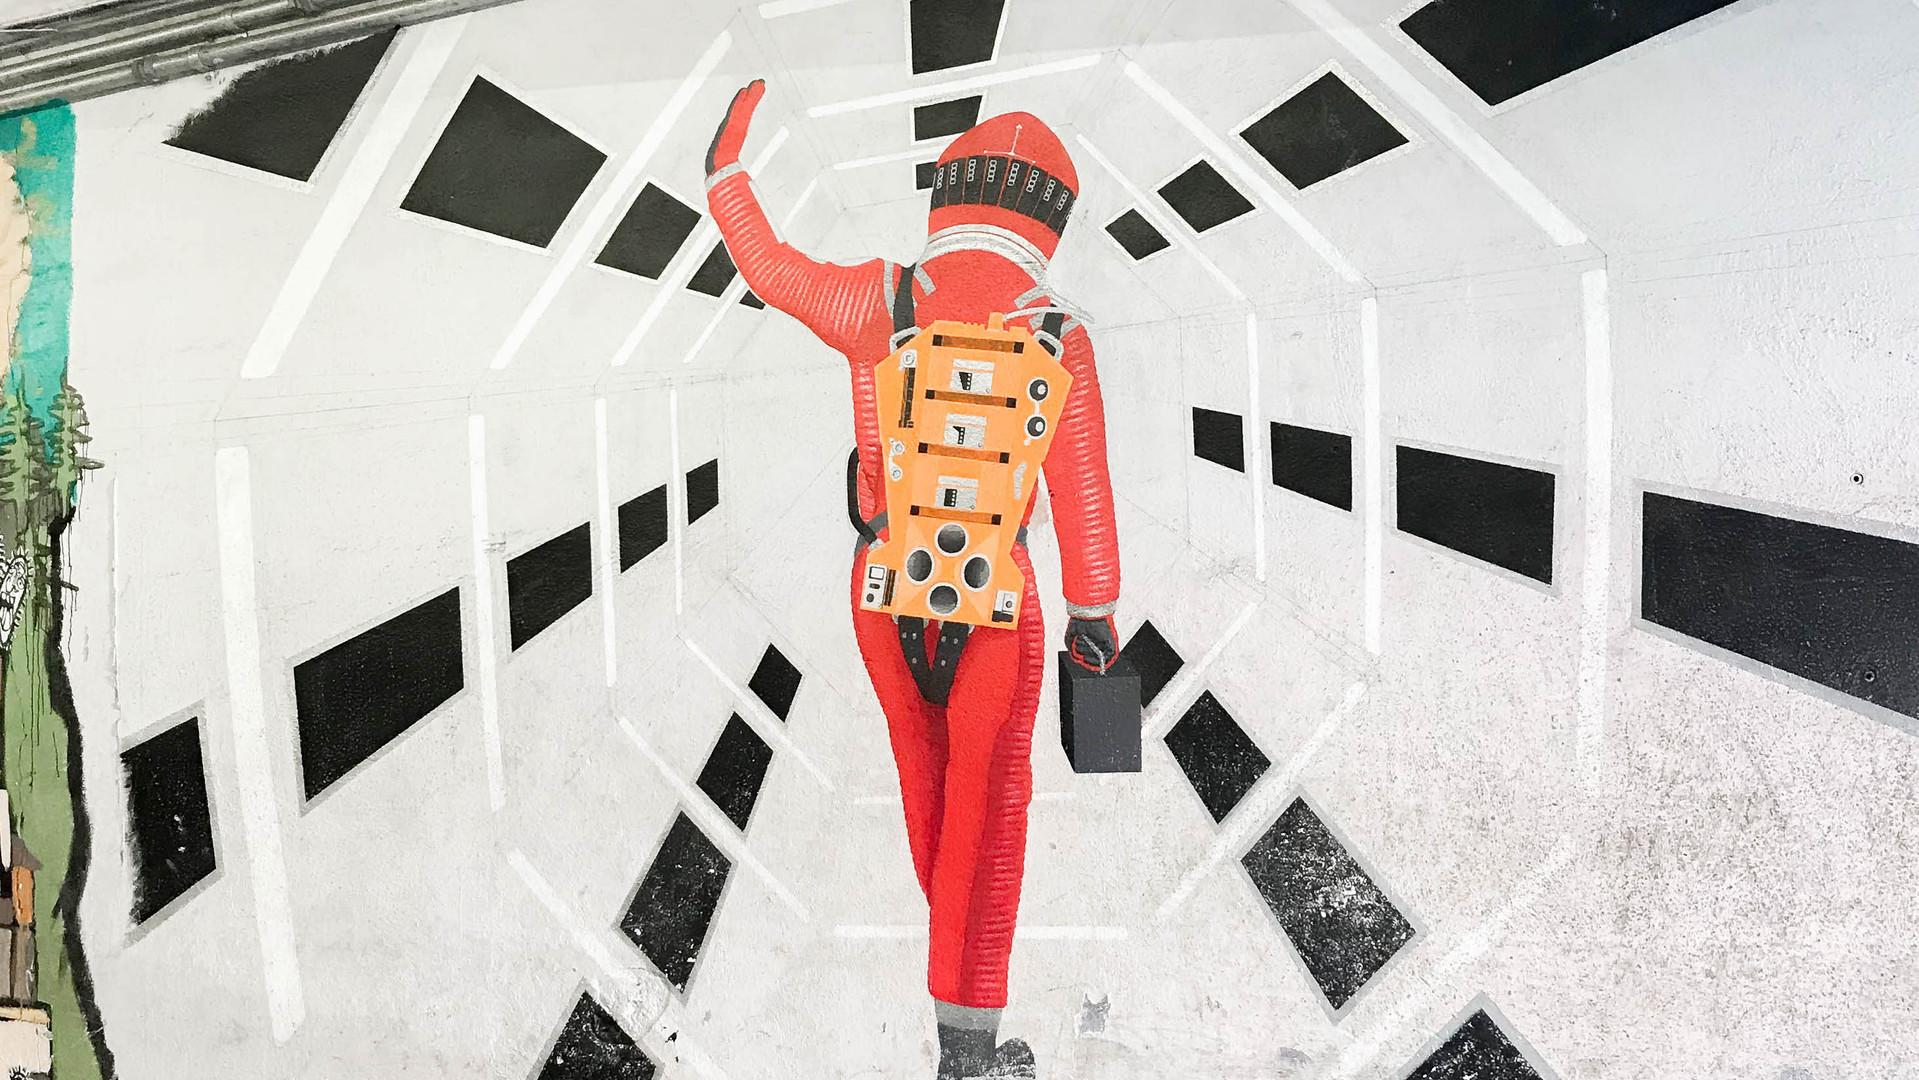 Take Off Mural_Carris Bennett Christianson